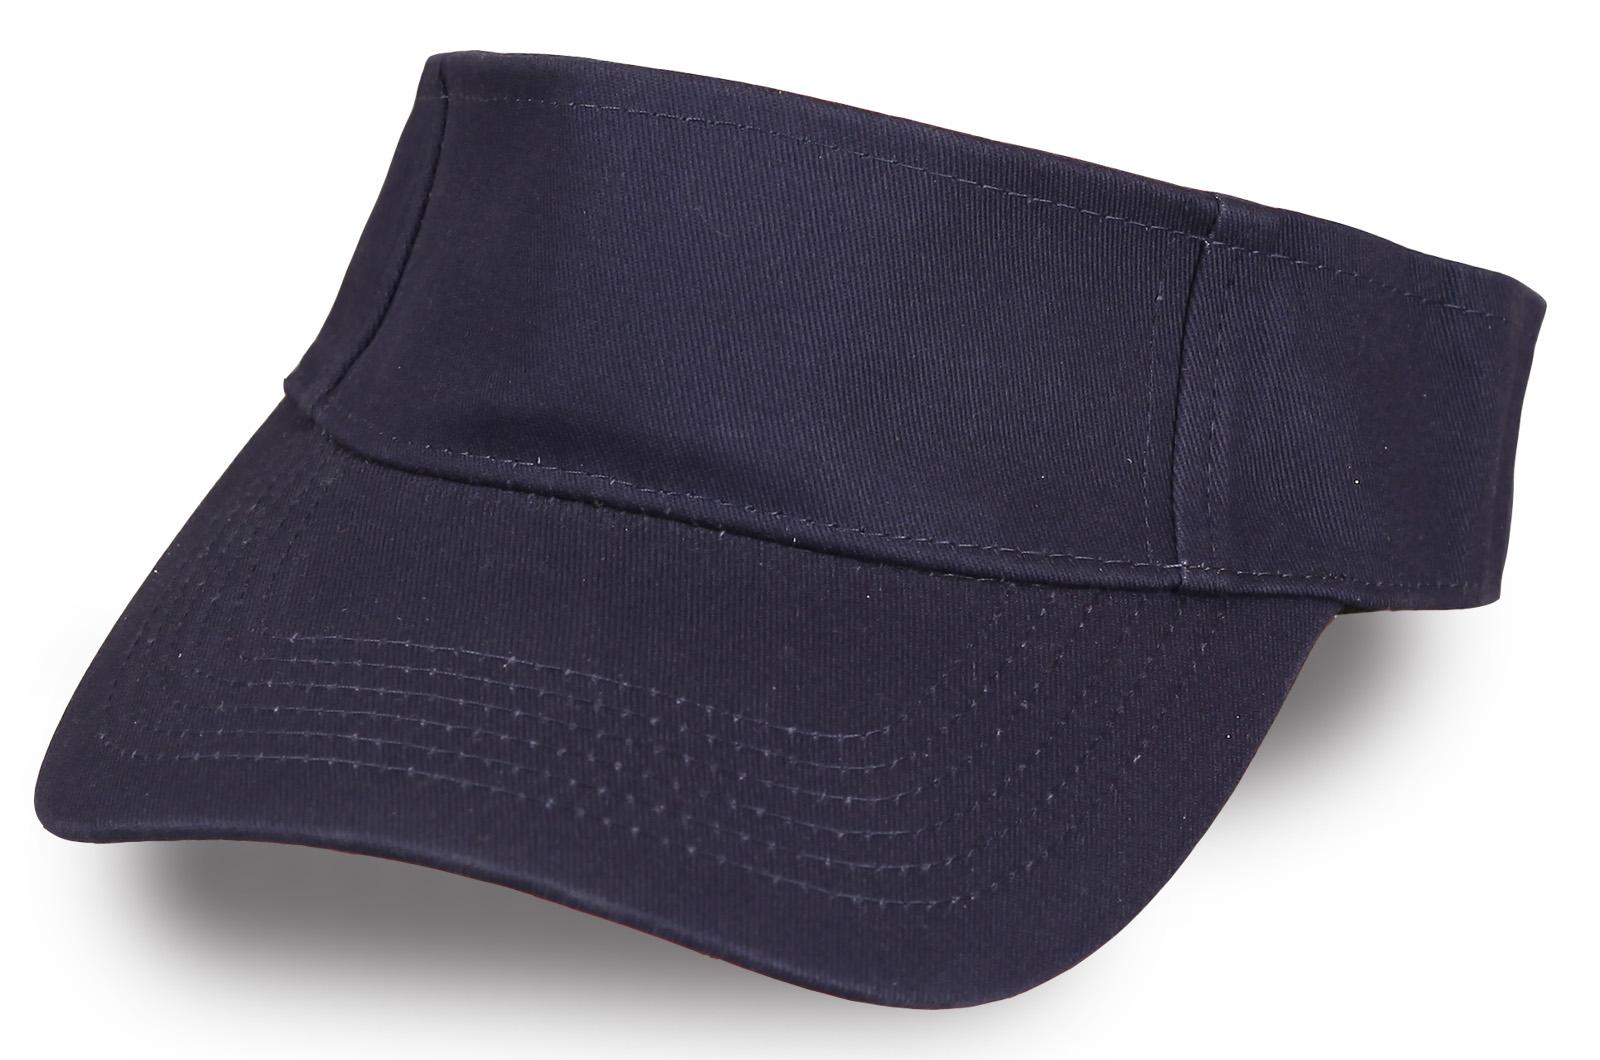 Козырек темно-синий - купить в интернет-магазине с доставкой